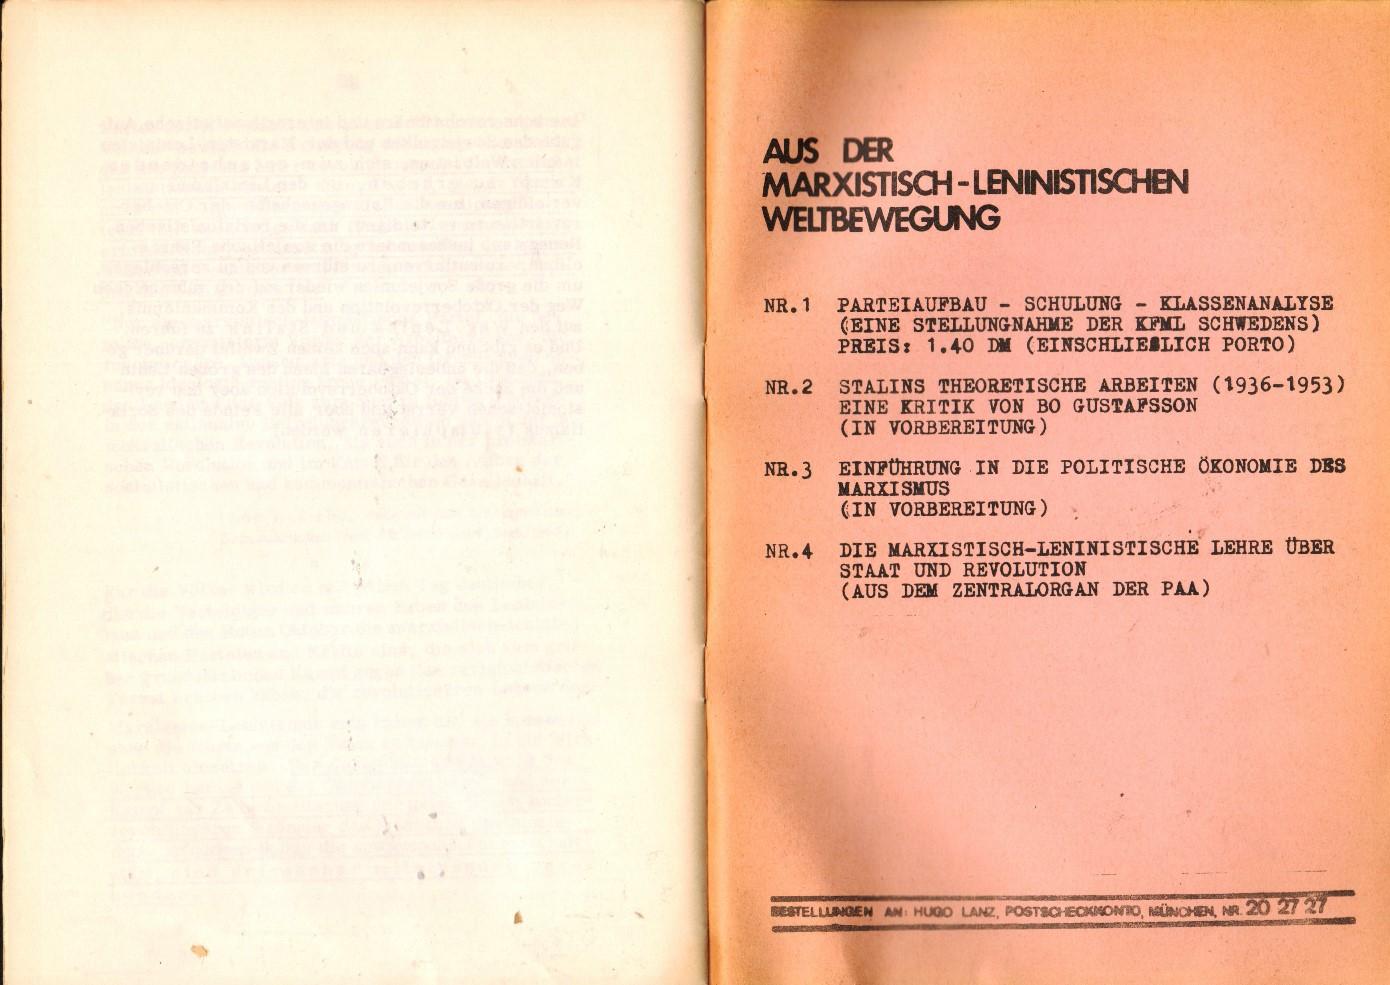 KPDML_1970_Lehre_ueber_Staat_und_Revolution_12